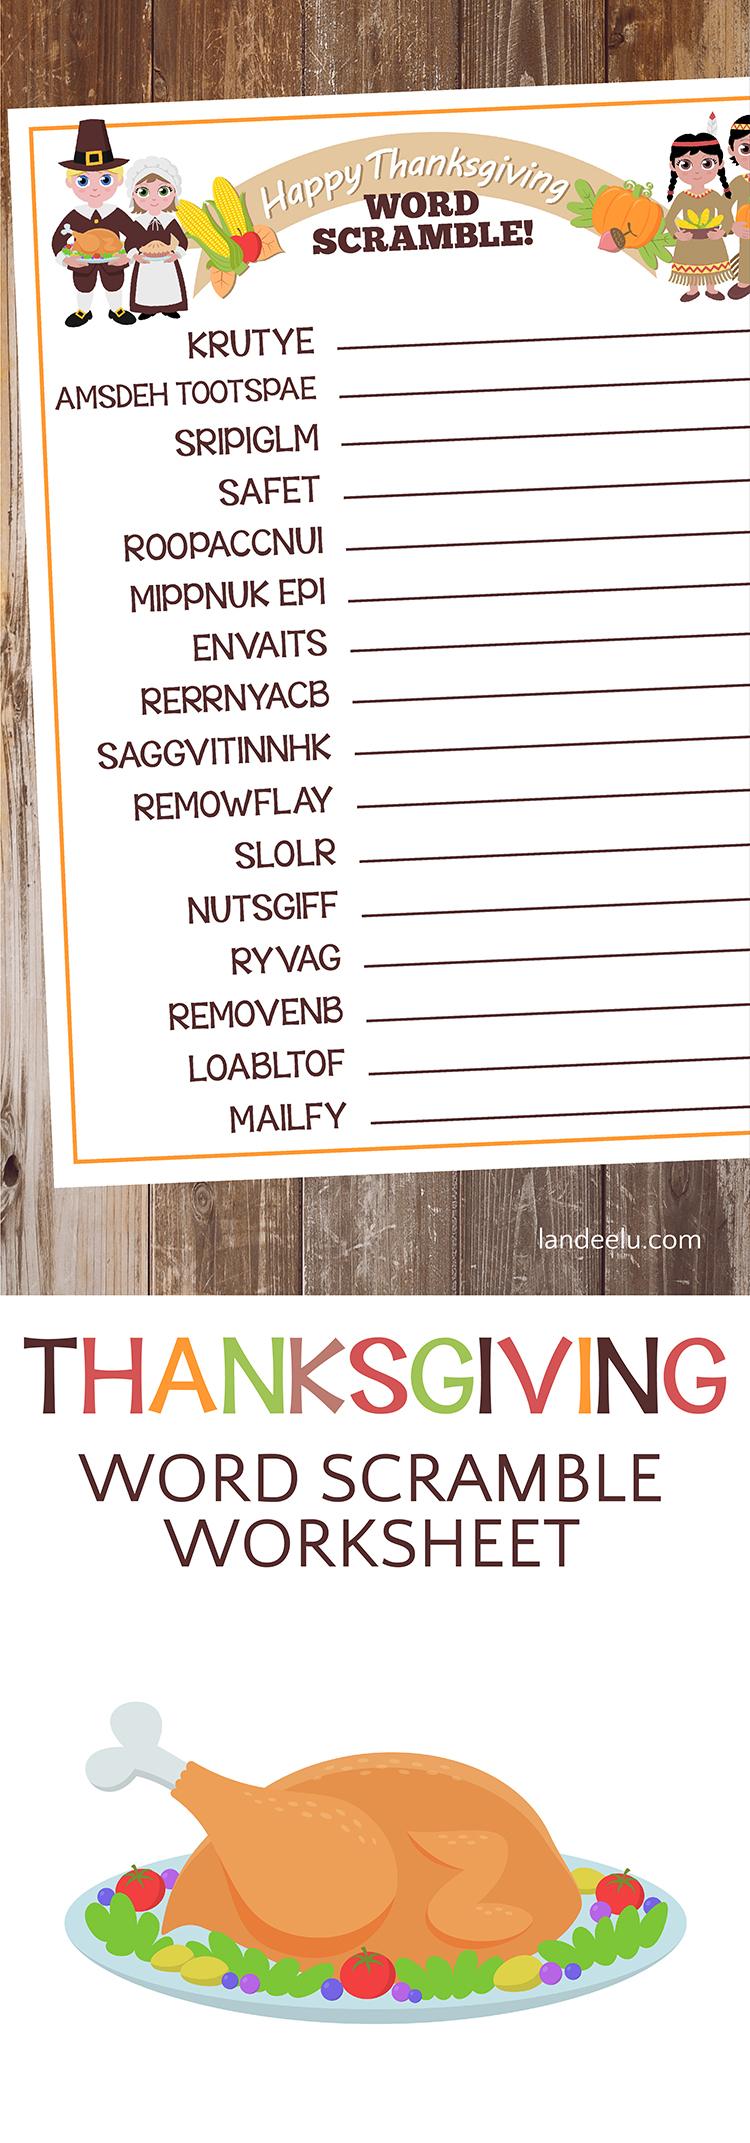 Thanksgiving Worksheet: Word Scramble! - landeelu.com